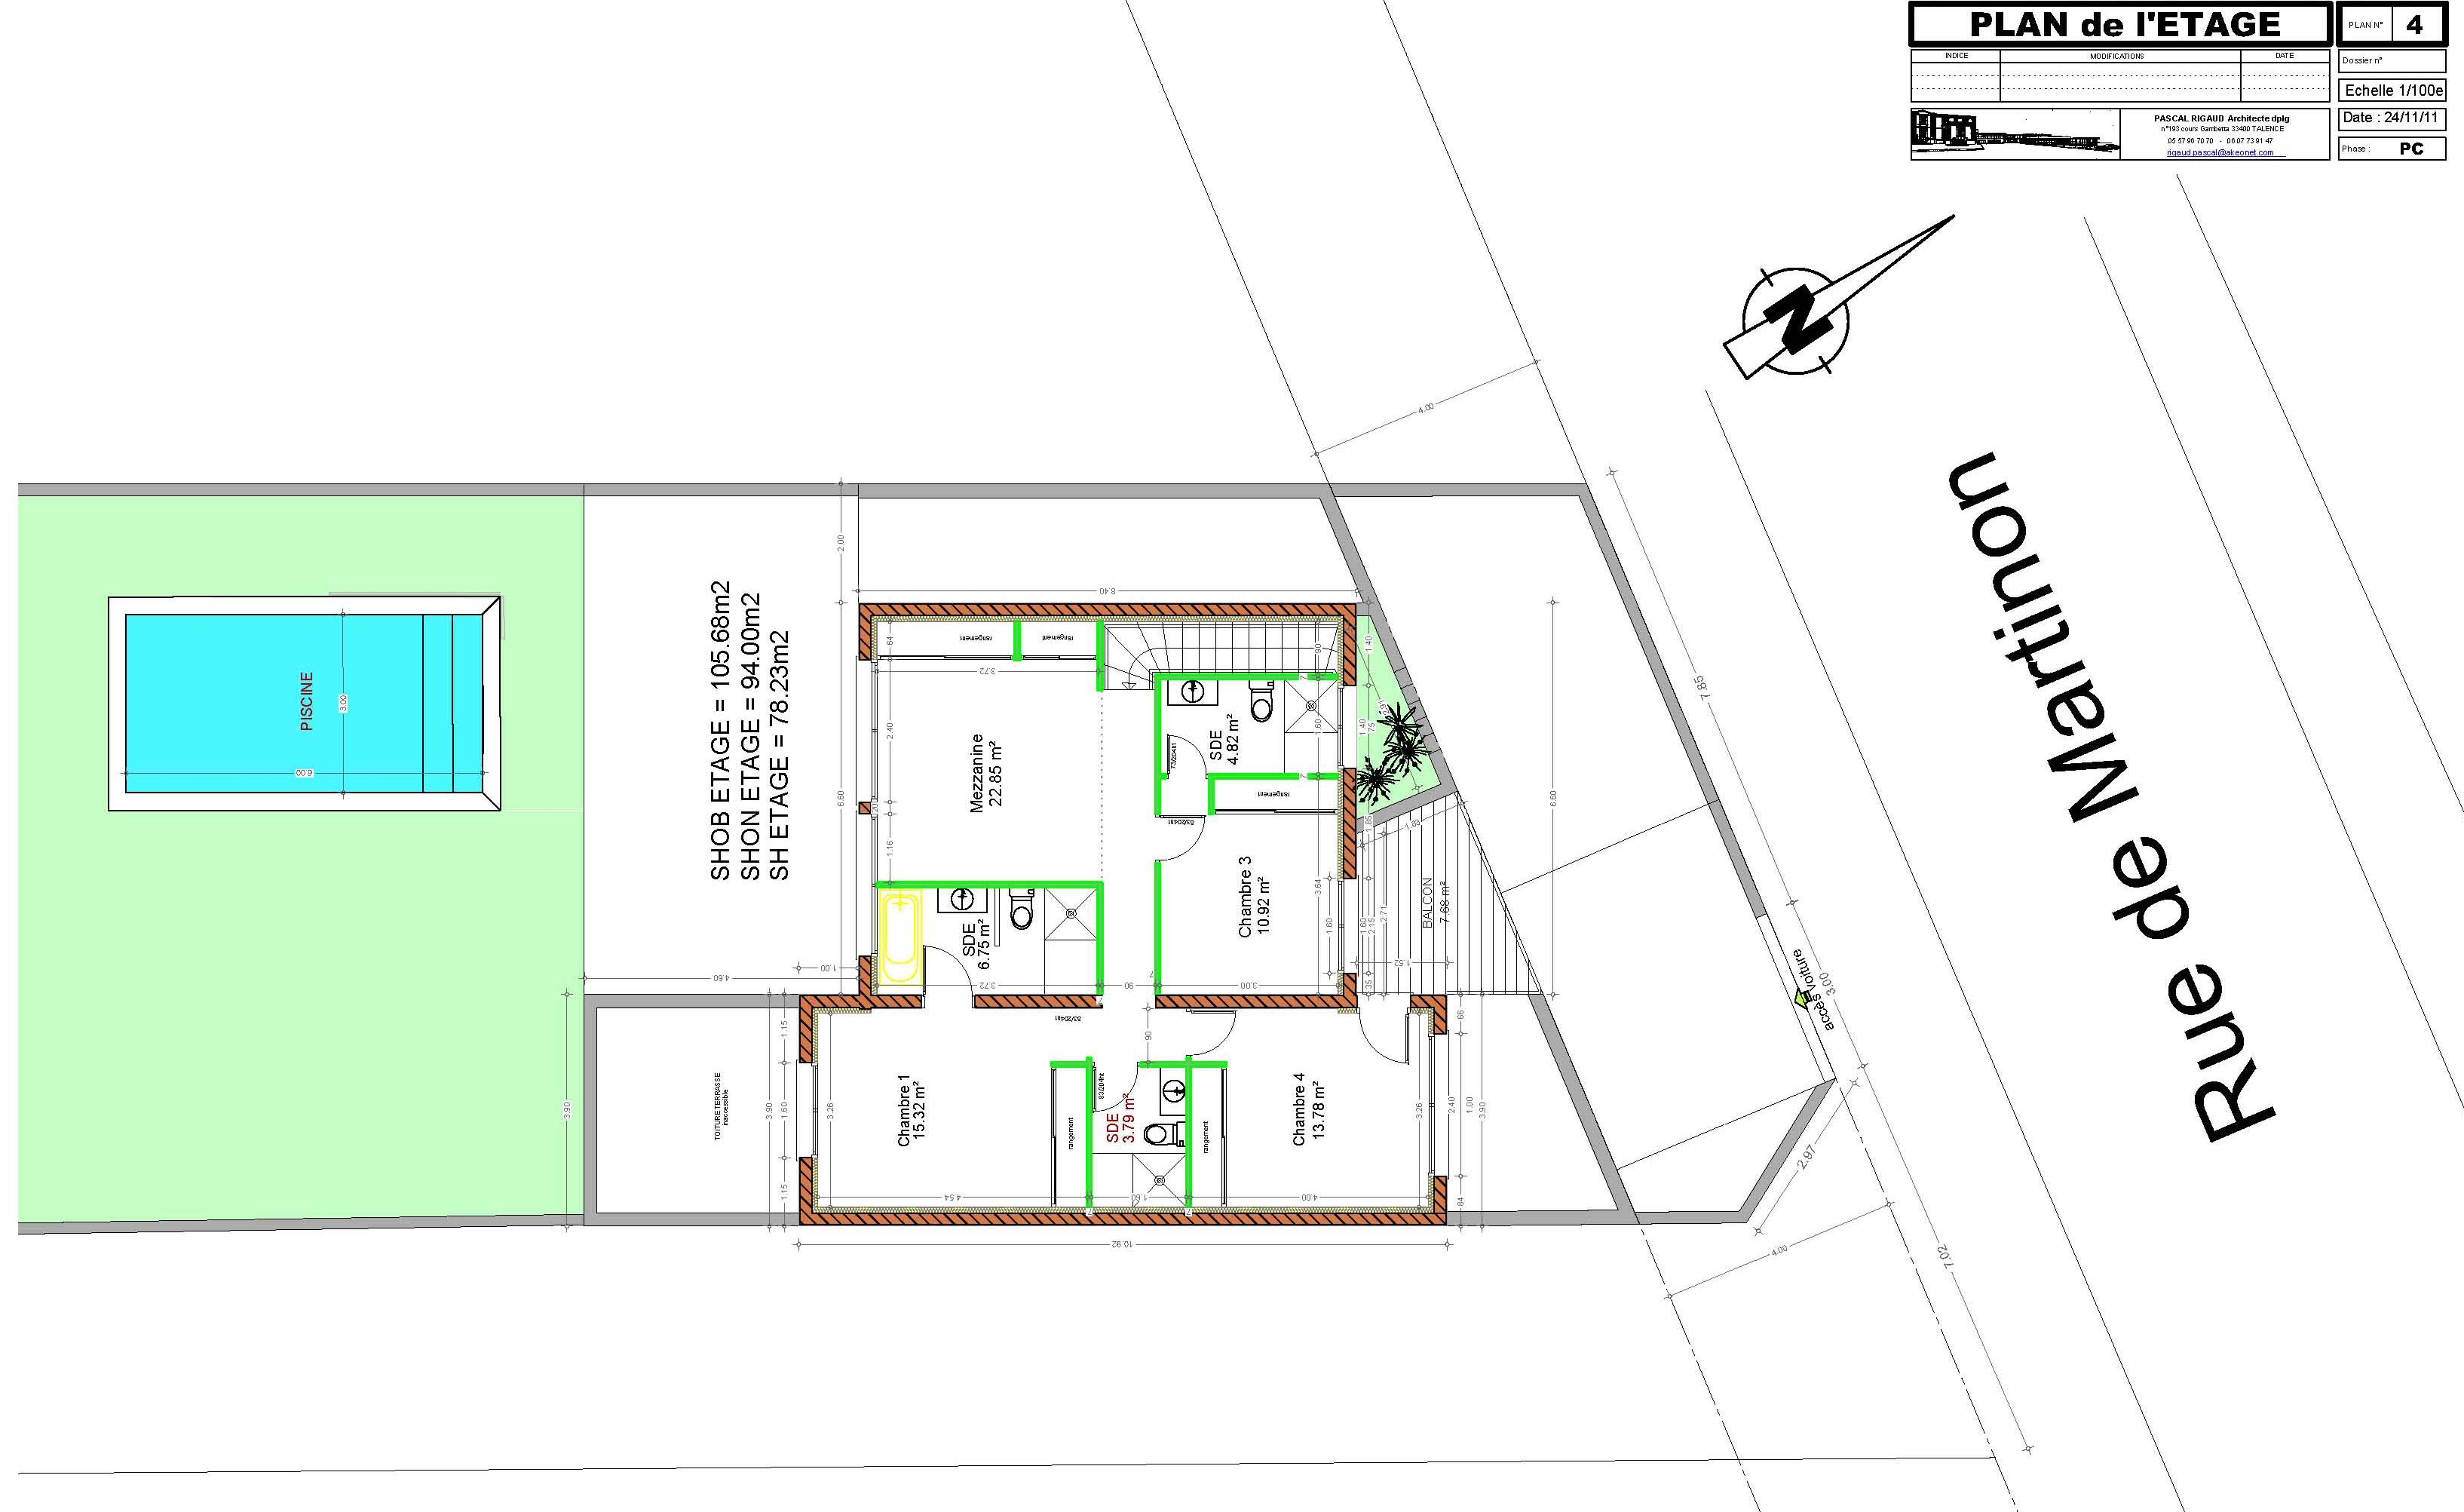 Maison contemporaine archives pascal rigaud architecte for Plan maison mitoyenne contemporaine